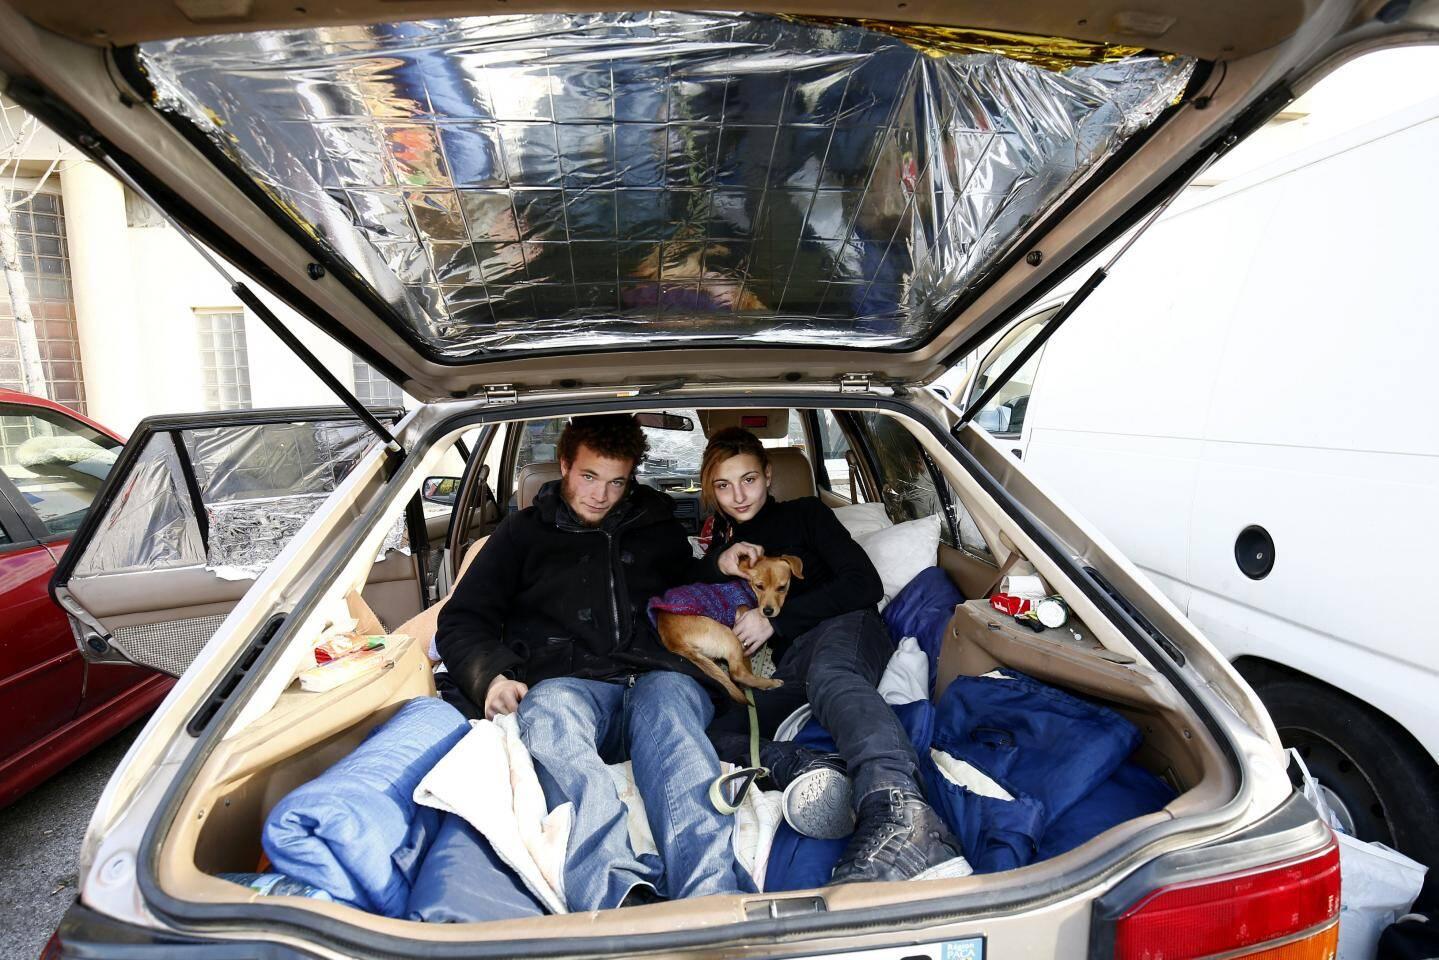 Leur voiture leur sert uniquement à dormir et à mettre à l'abri le peu qu'ils possèdent.